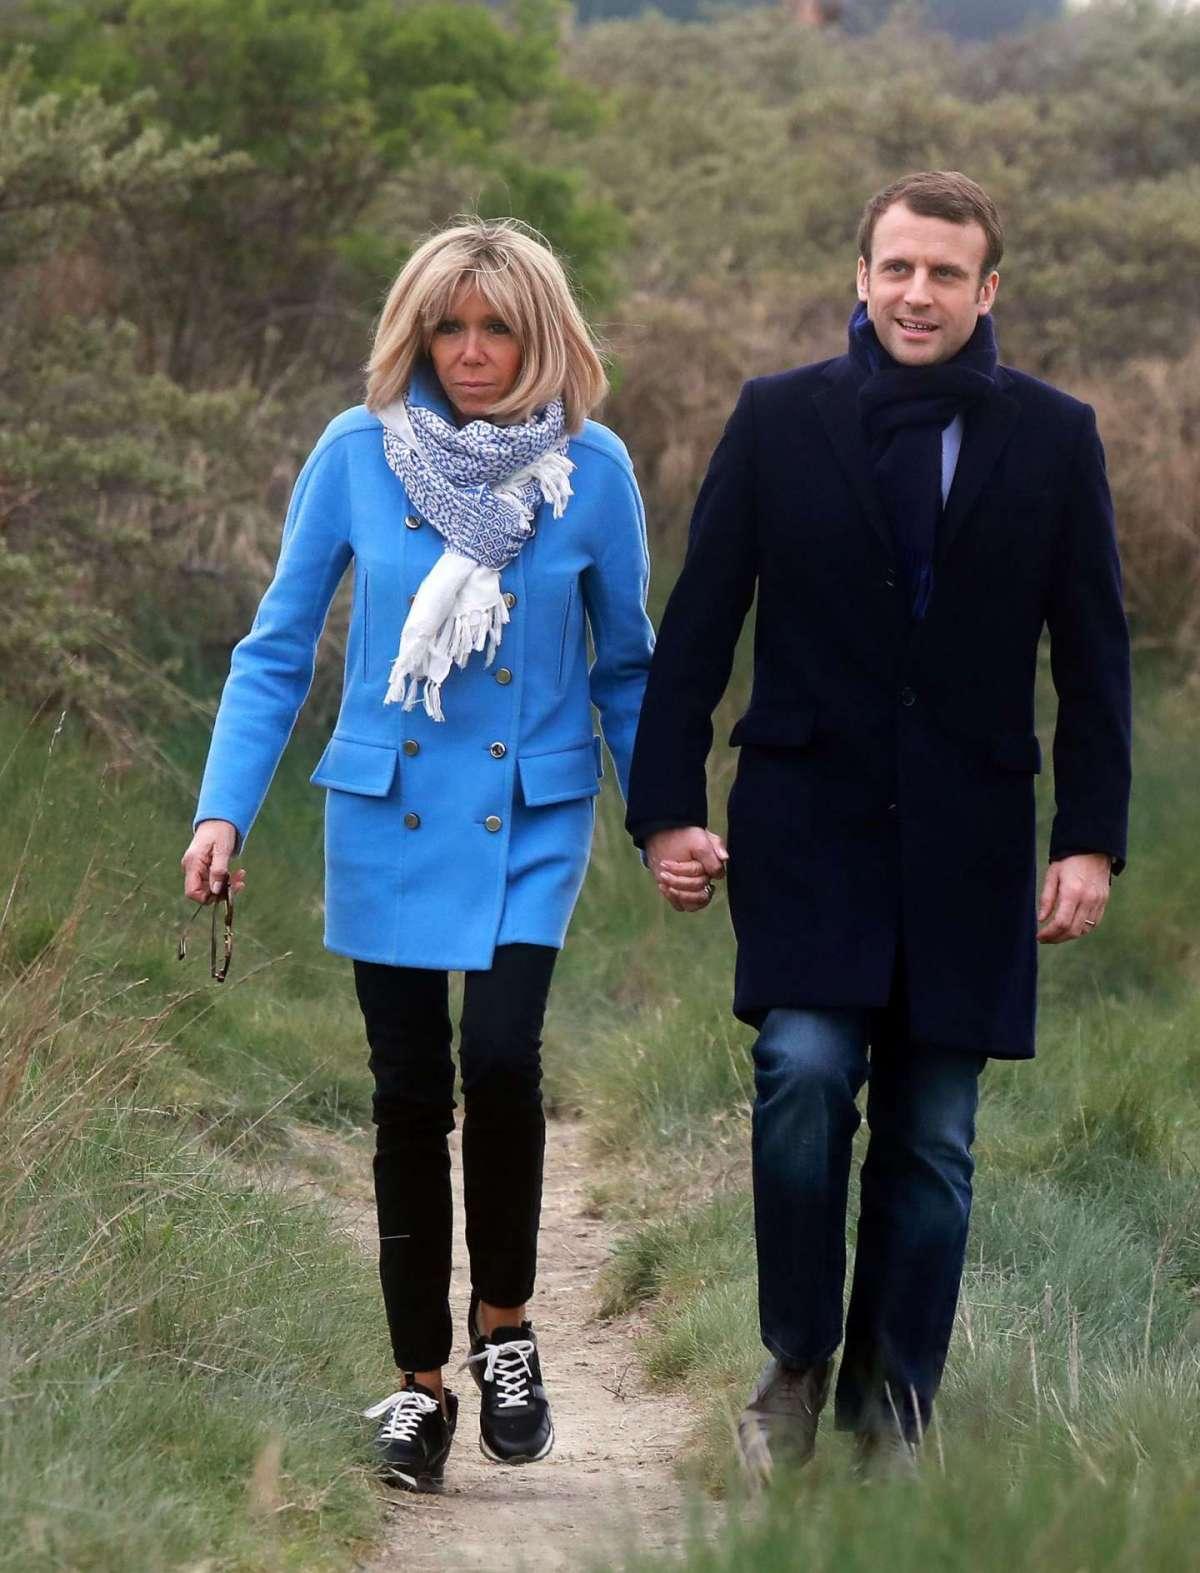 L'affiatamento tra Brigitte e Emmanuel